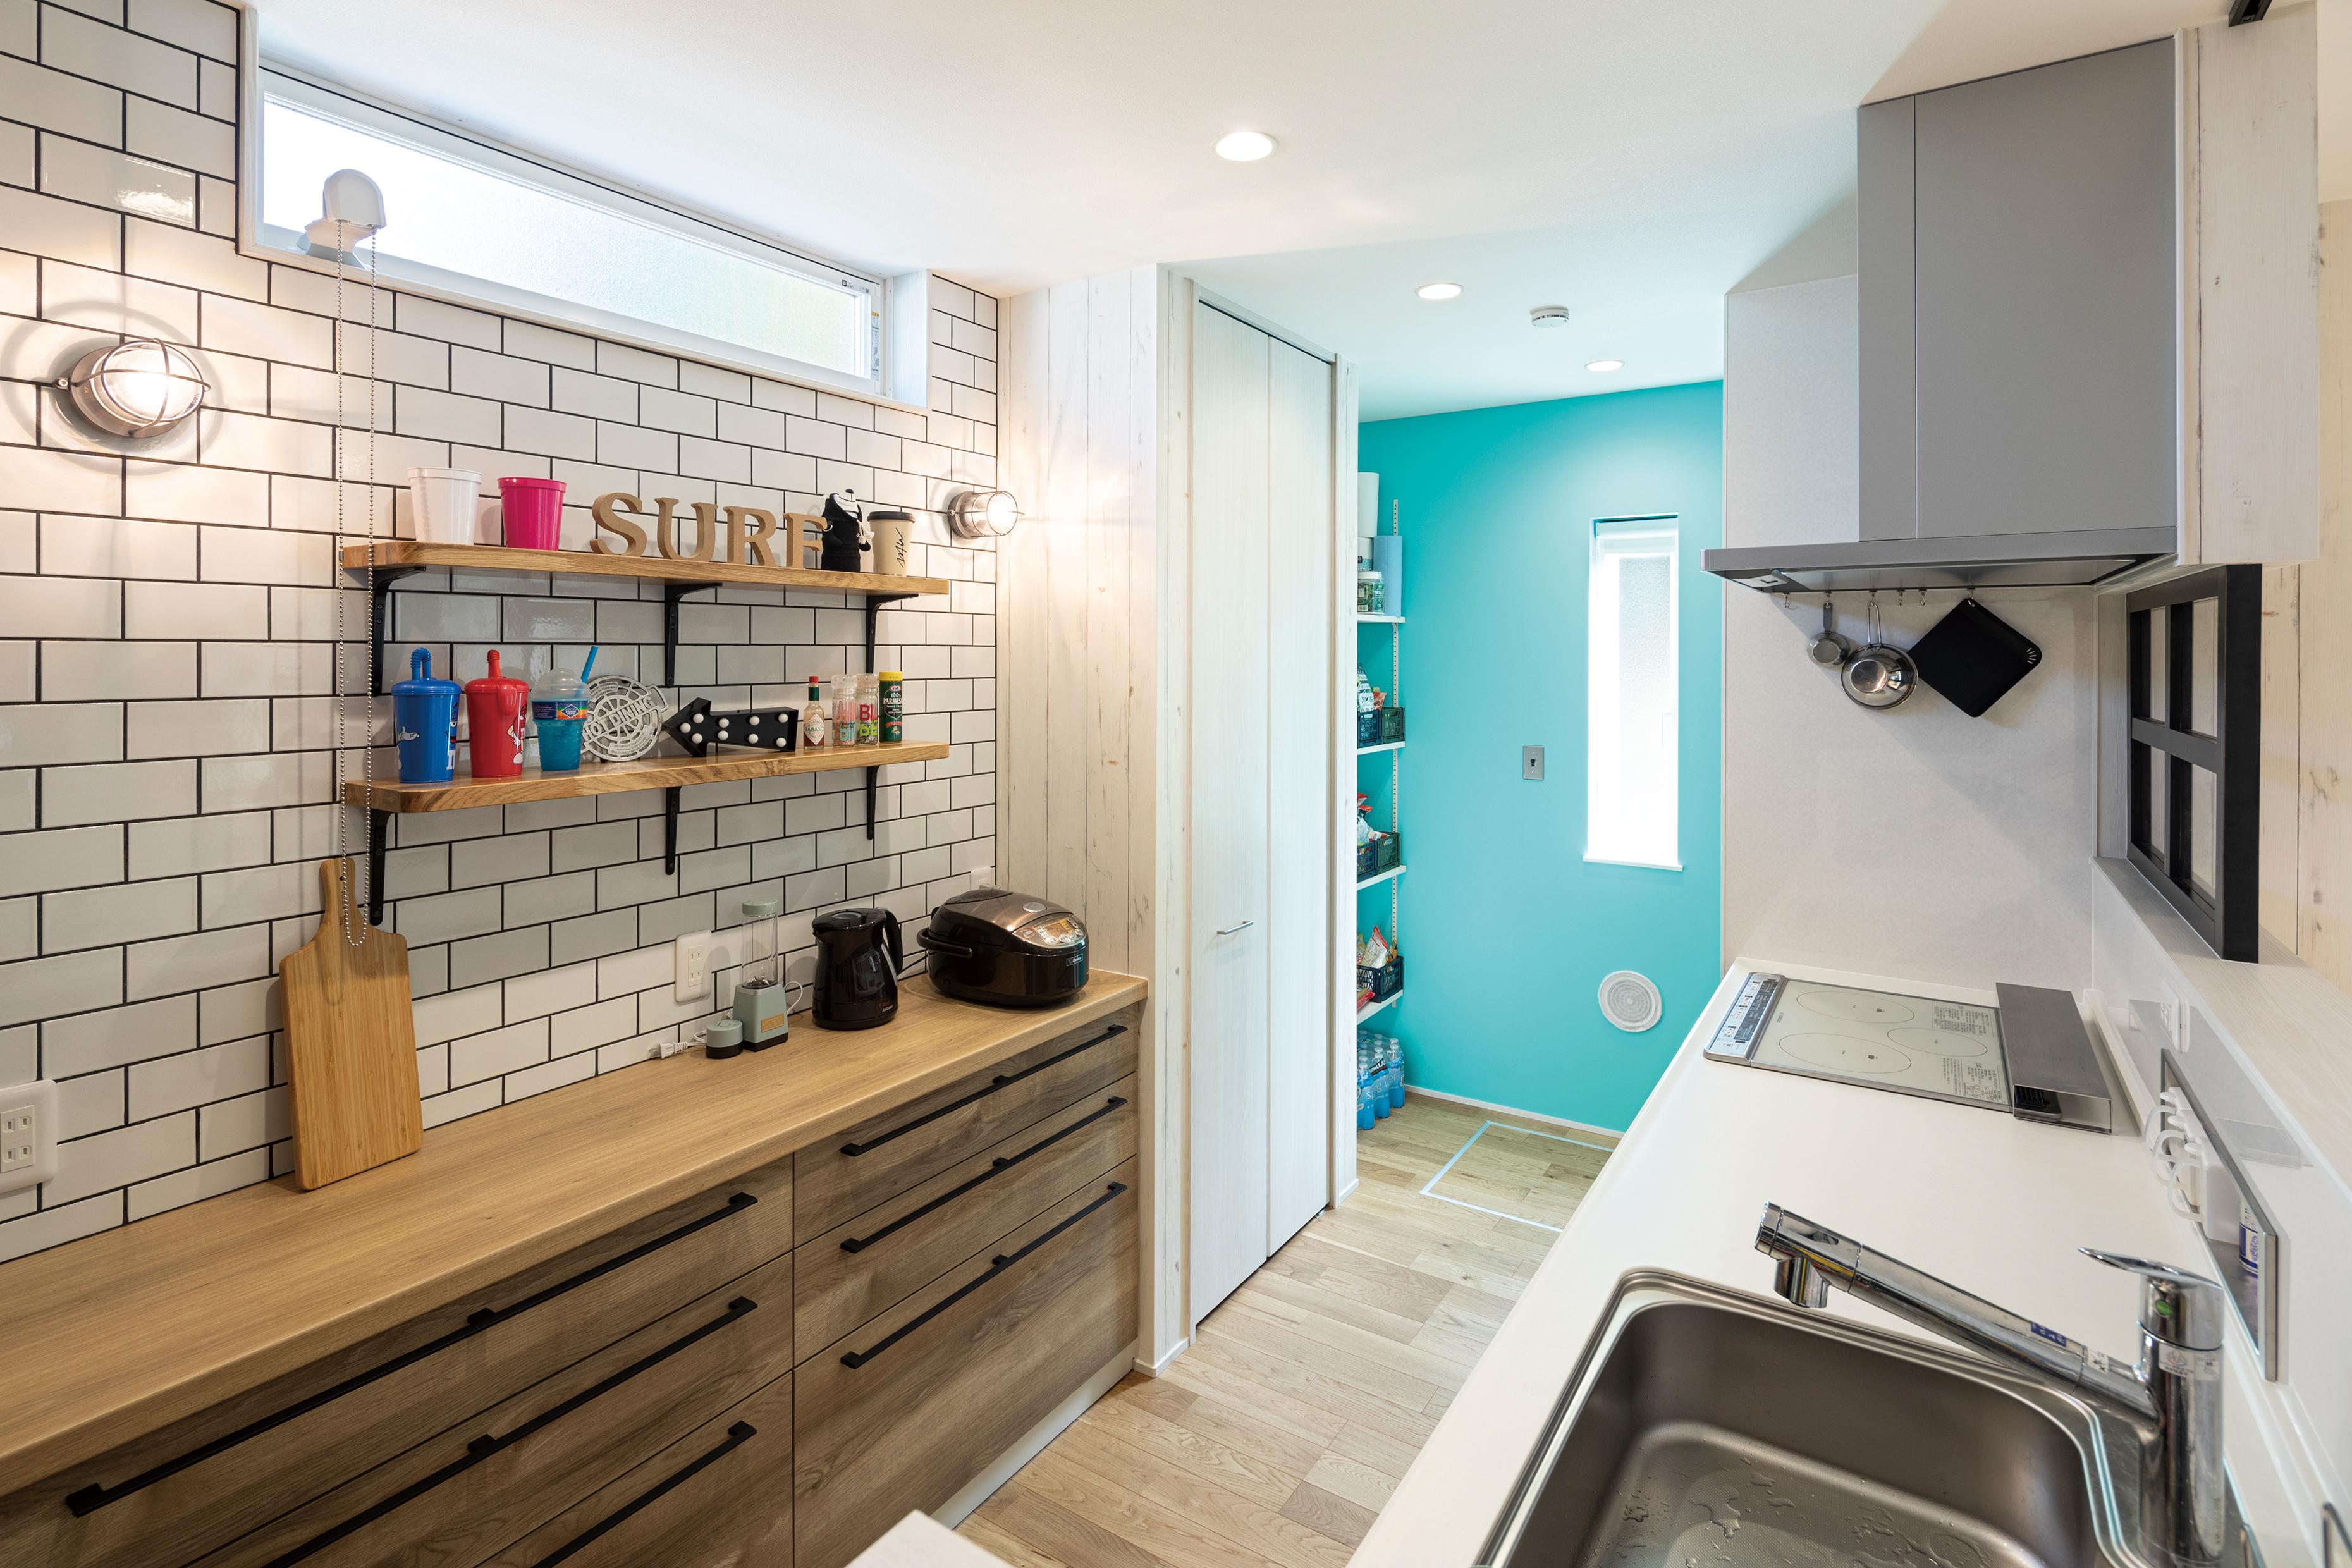 キッチン上は飾り壁をもうけ、タイルの壁とマリンライトで雰囲気を出しています。